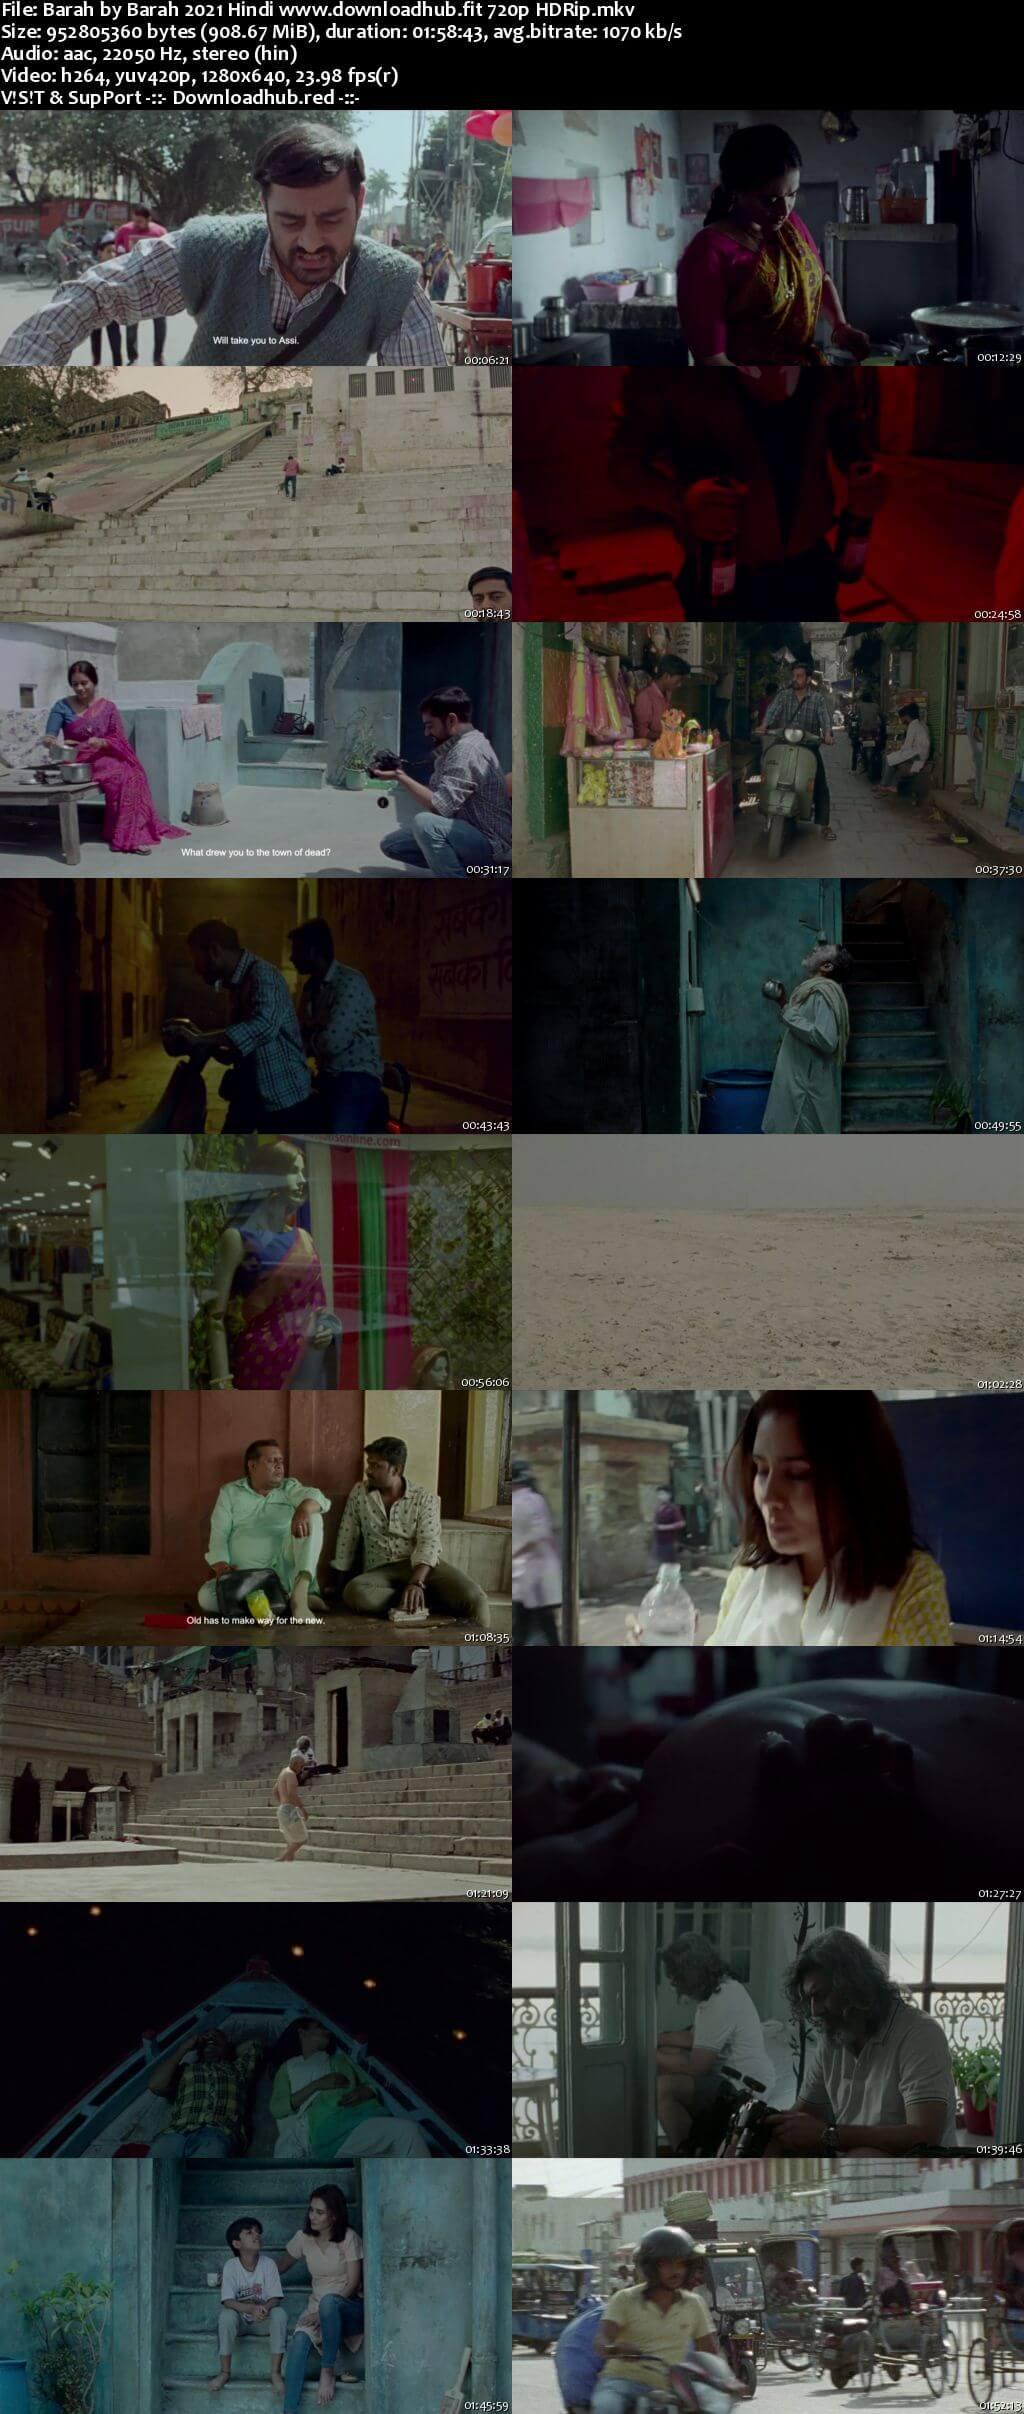 Barah by Barah 2021 Hindi 720p HDRip x264